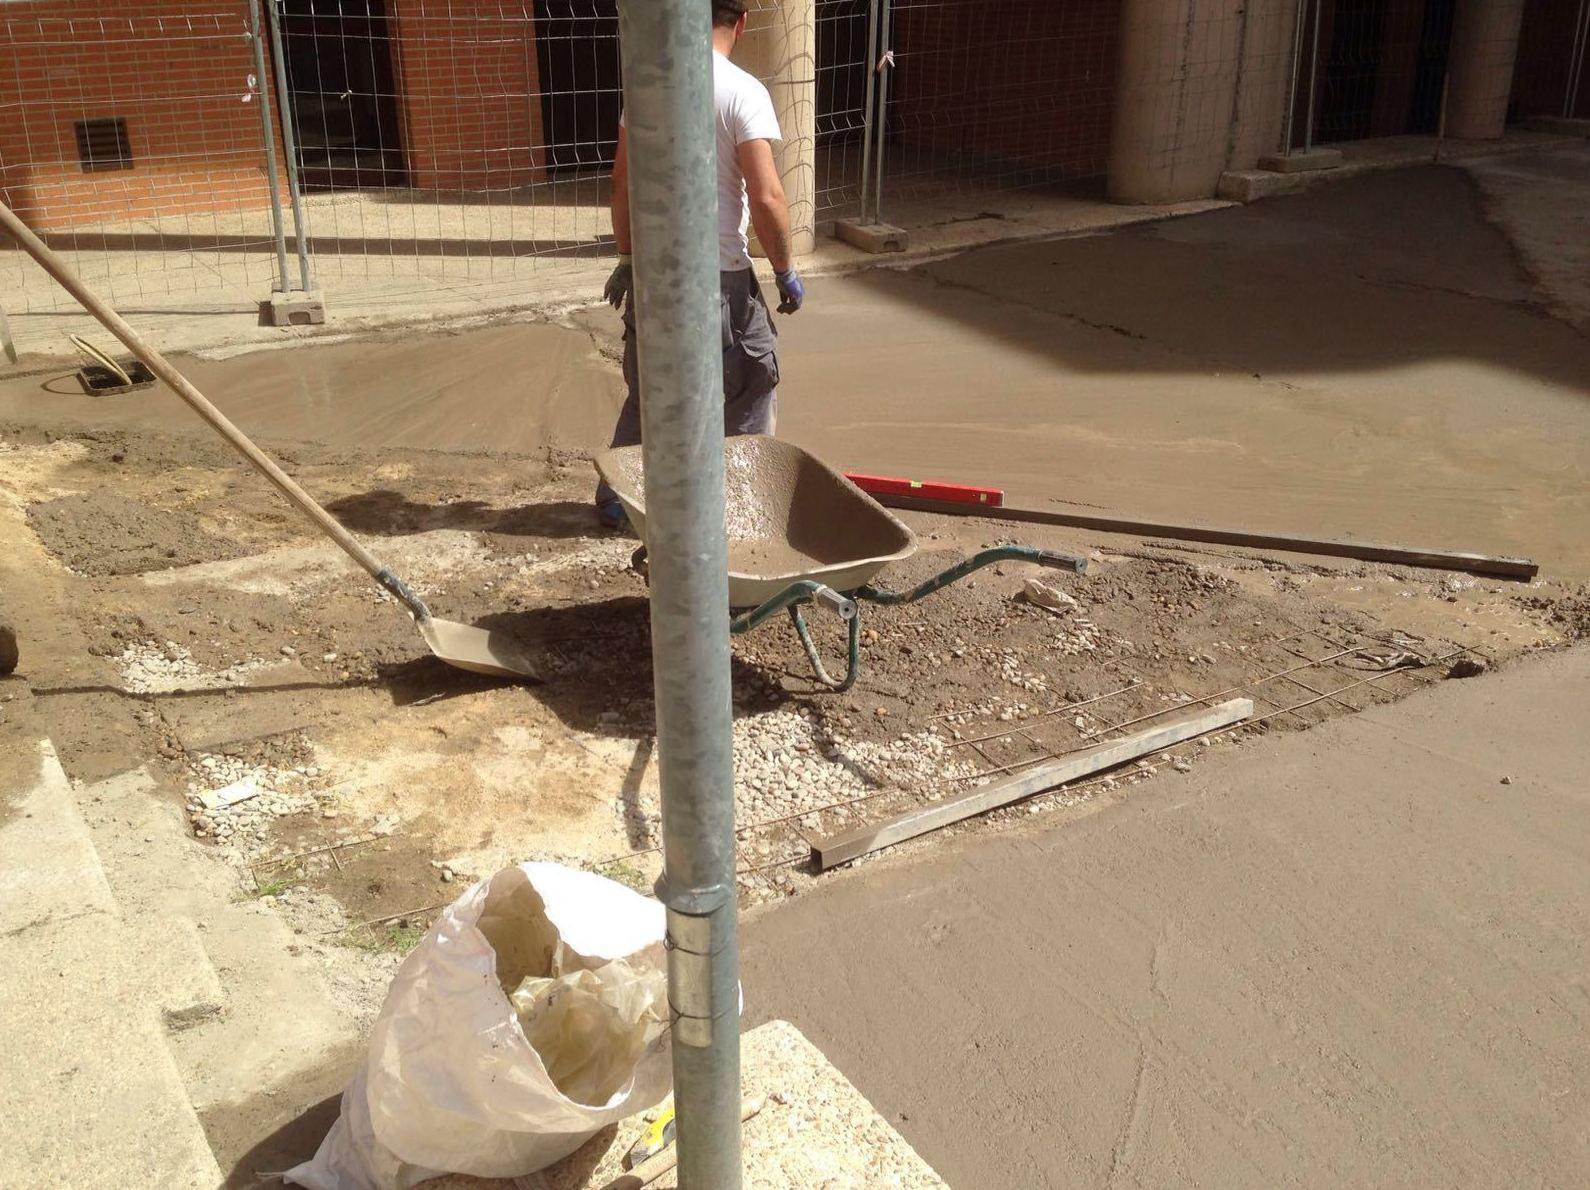 Trabajos de solado para la impermeabilización de la zona de la piscina